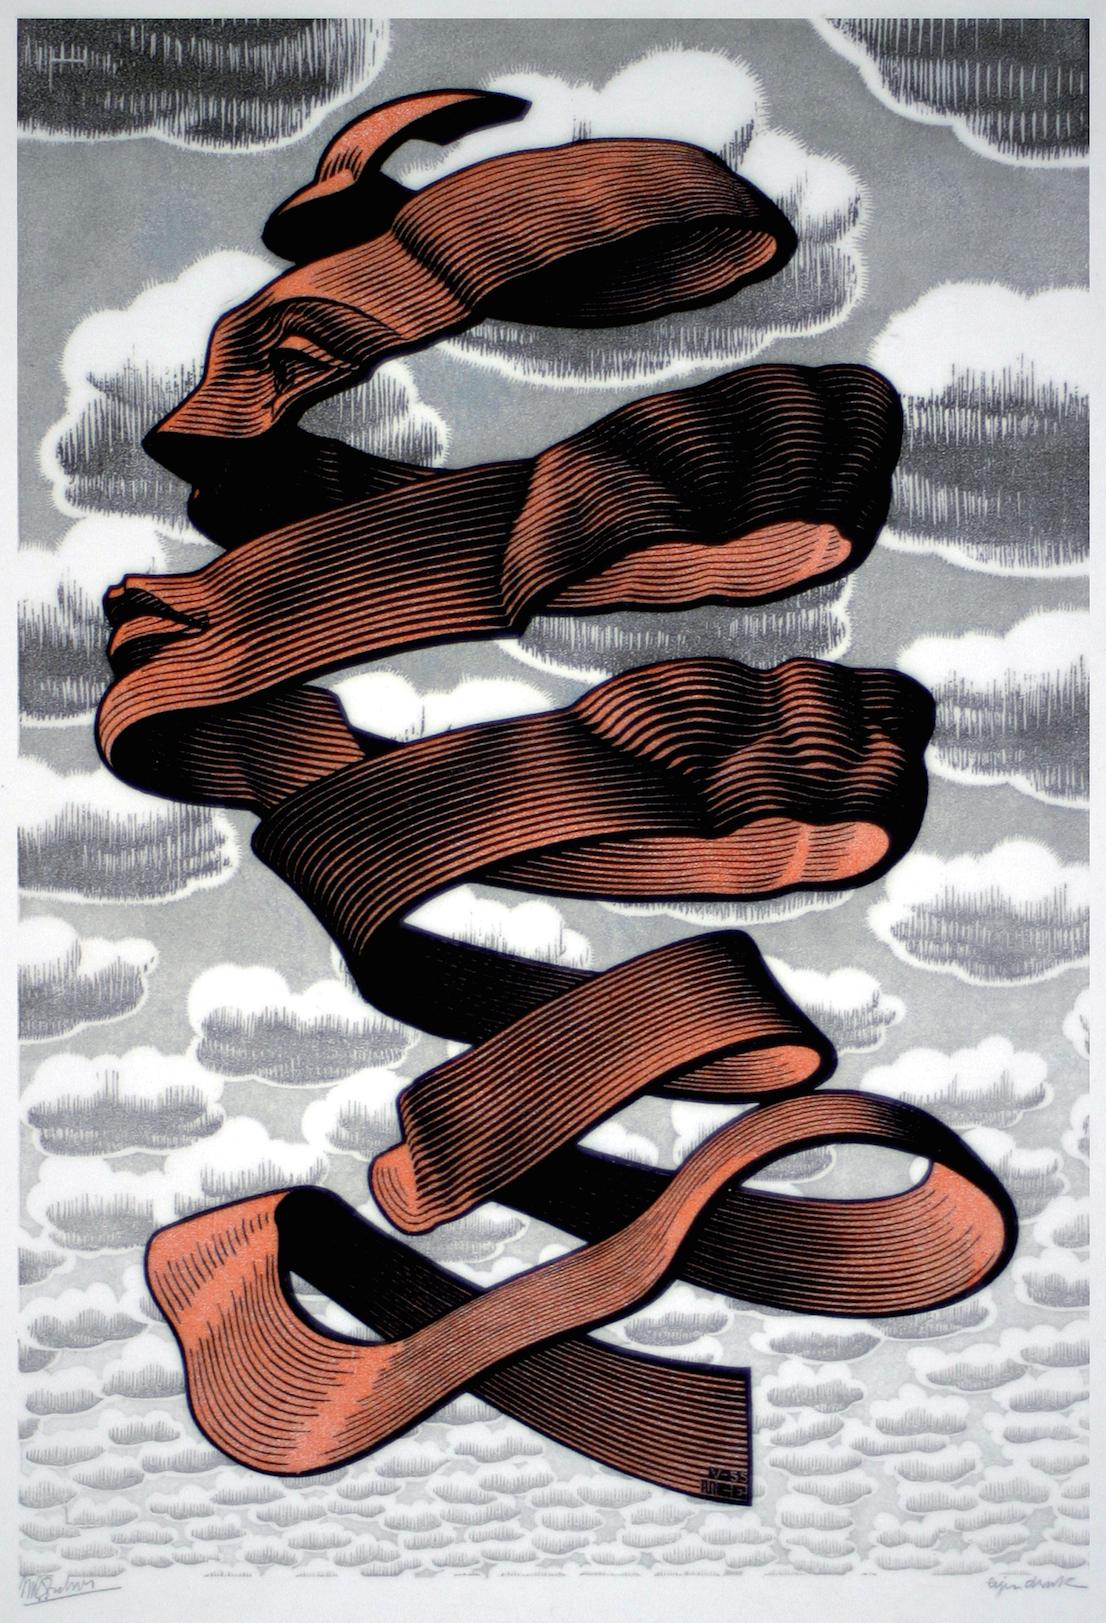 Maurits Cornelis Escher Buccia 1955 xilografia cm 34,5 x 23,5 Collezione Federico Giudiceandrea All M.C. Escher works © 2014 The M.C. Escher Company. All rights reserved www.mcescher.com